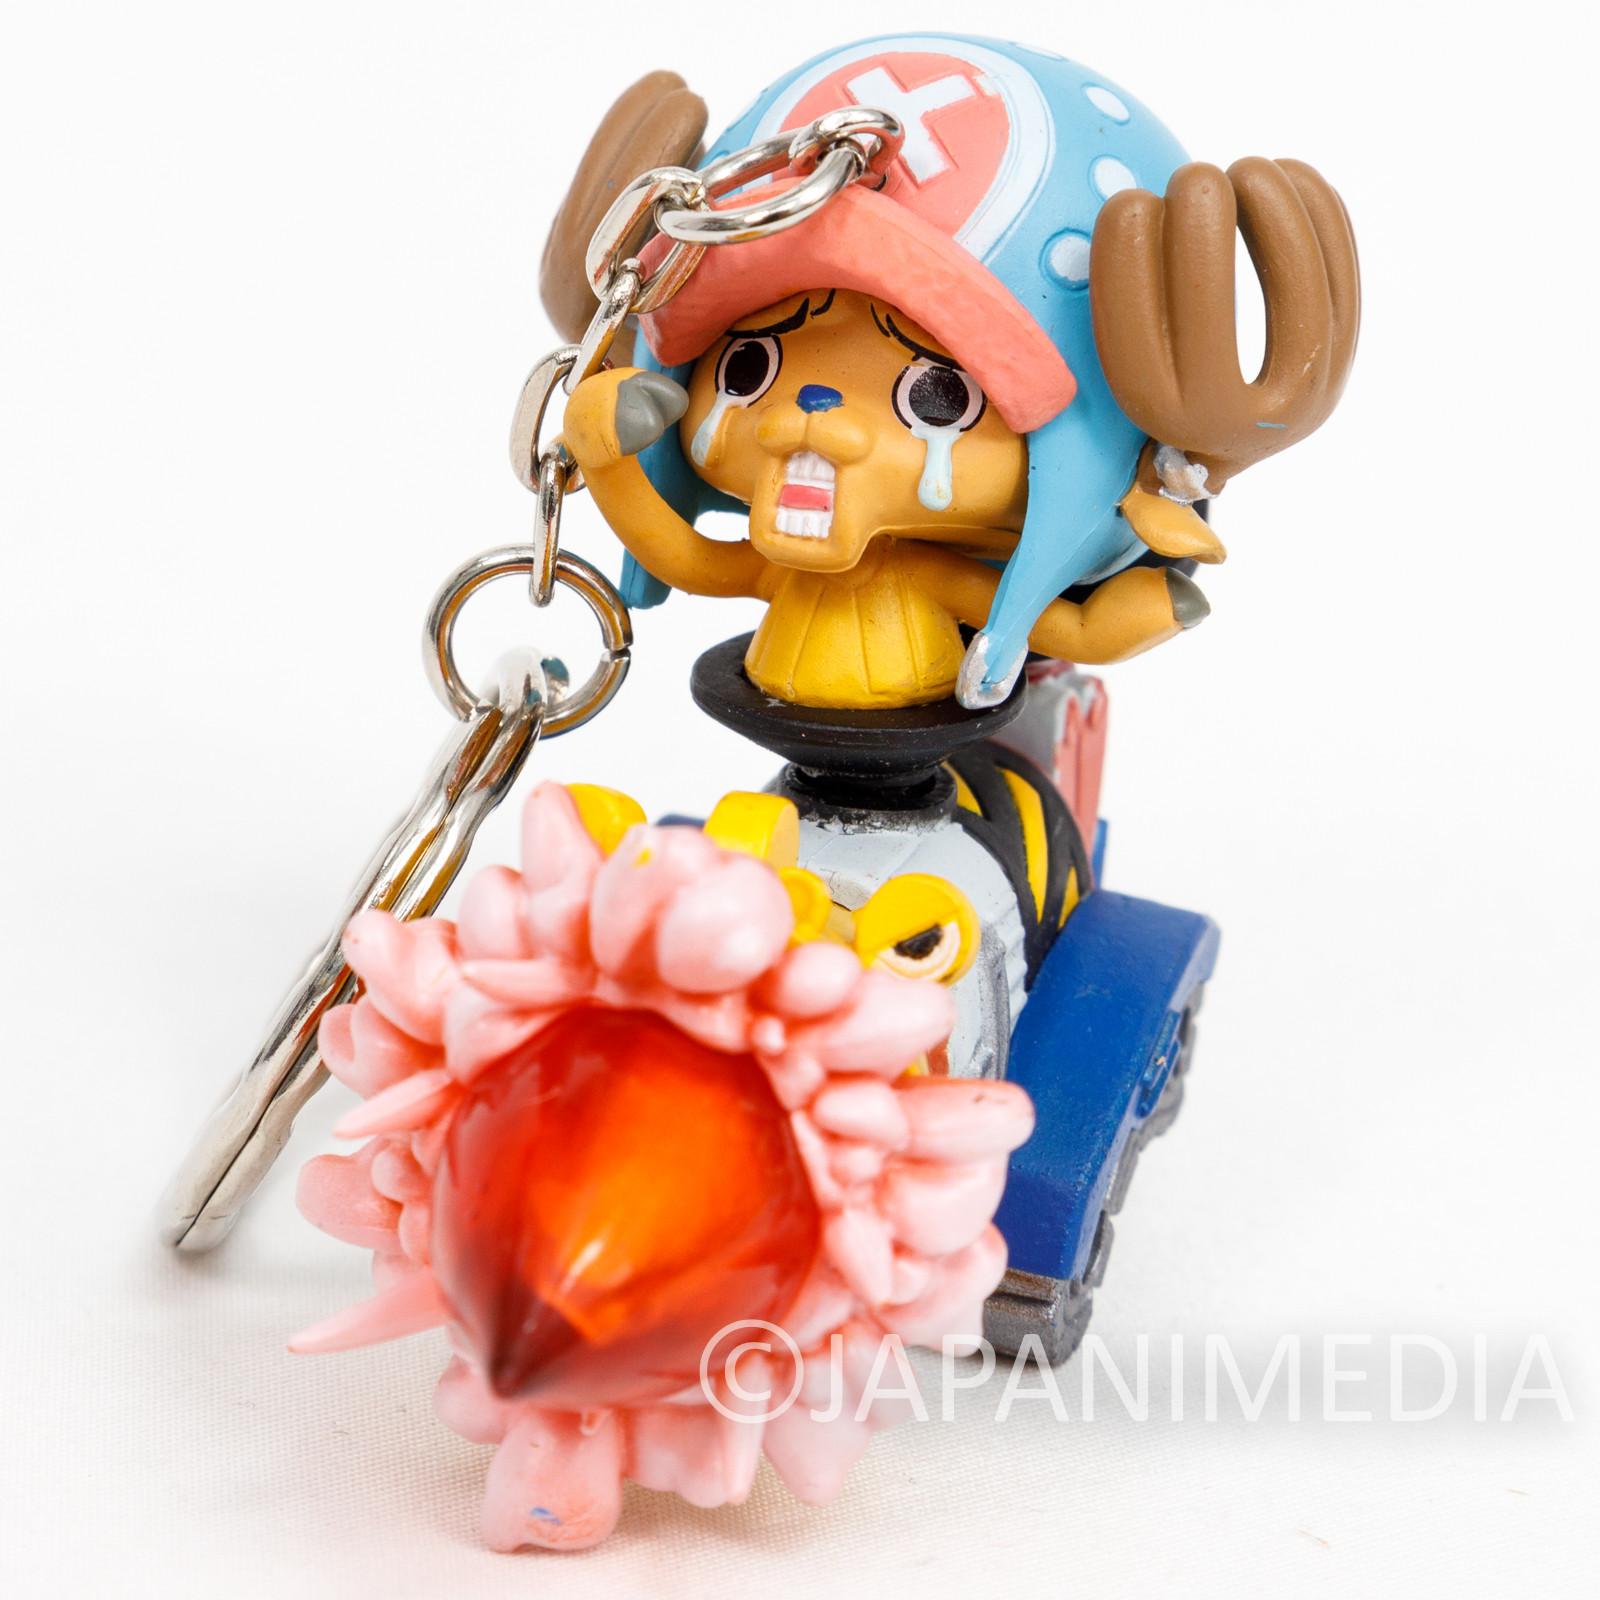 One Piece Tony Tony Chopper Figure Keychain Banpresto JAPAN ANIME